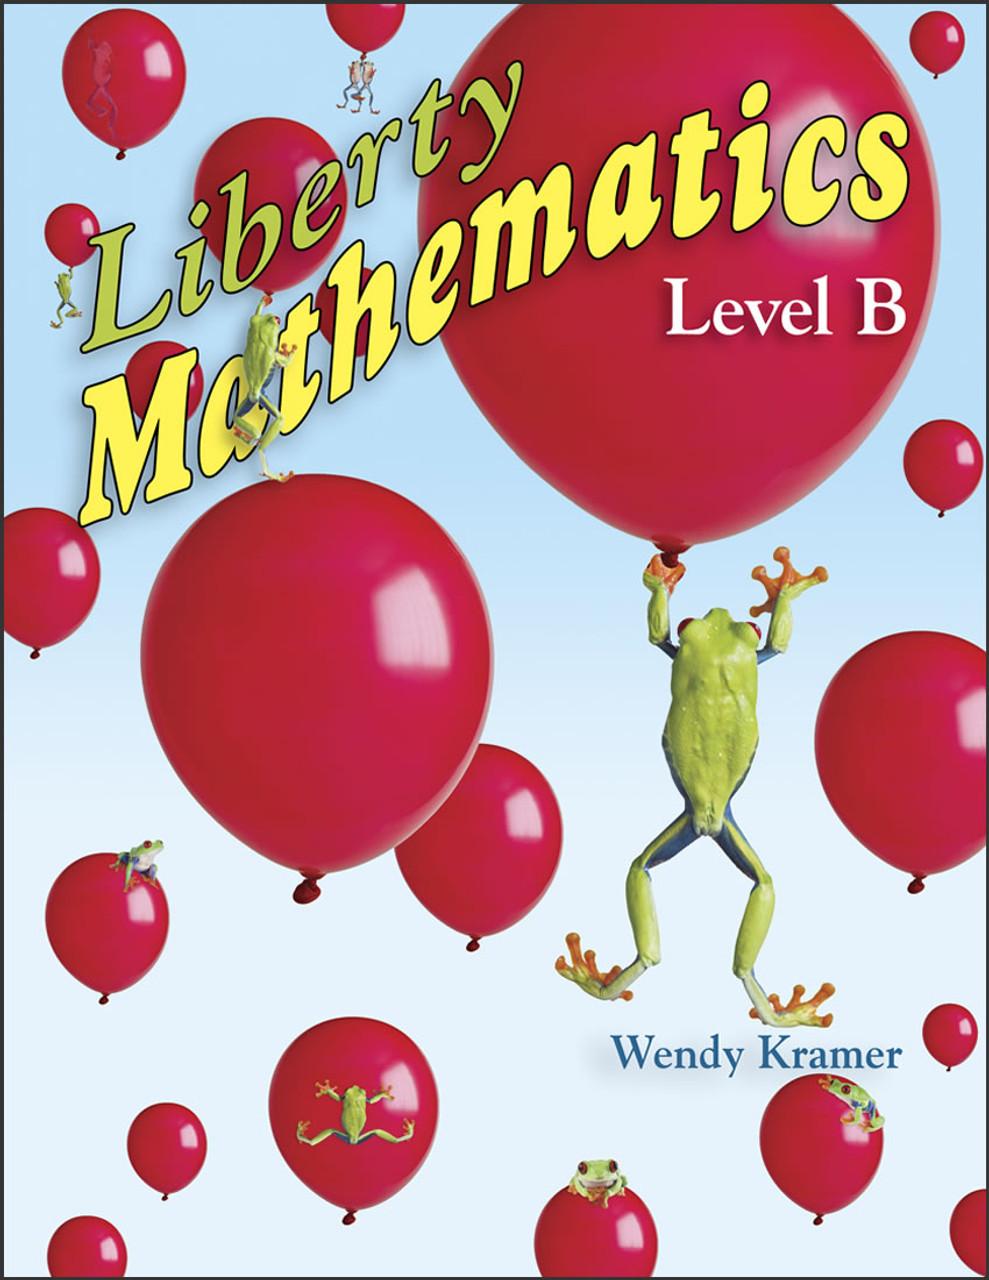 Liberty Mathematics: Level B